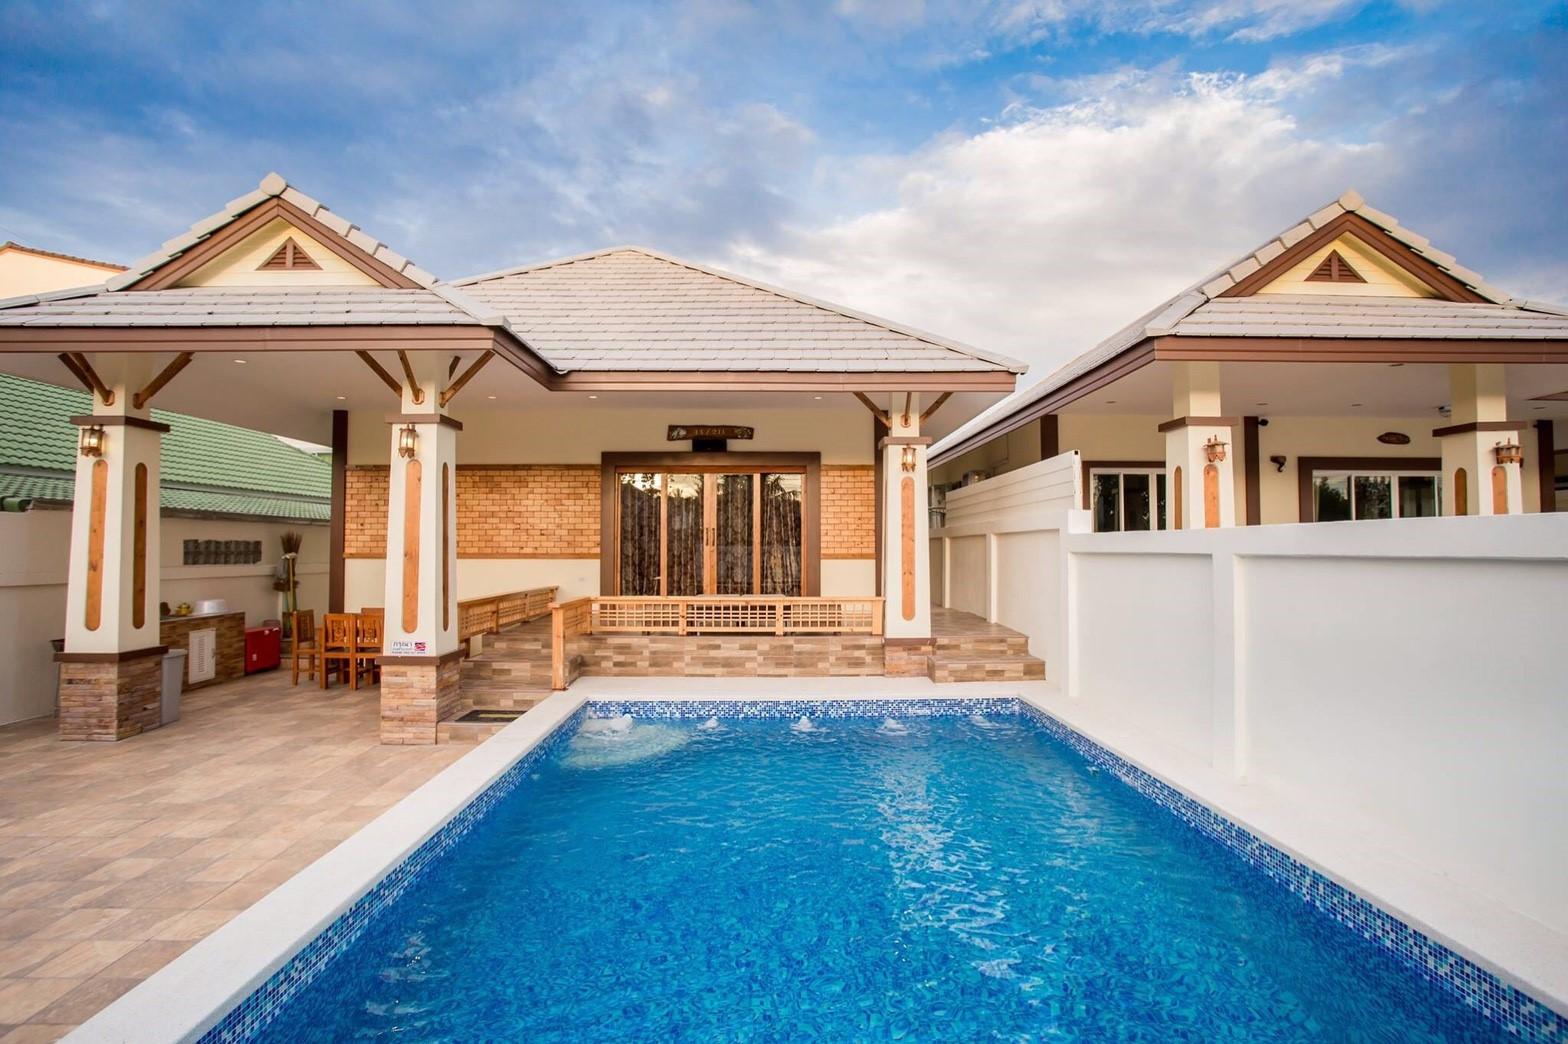 บ้านทอประกาย พูลวิลล่า หัวหิน(Villa N) 4 ห้องนอน 3 ห้องน้ำ